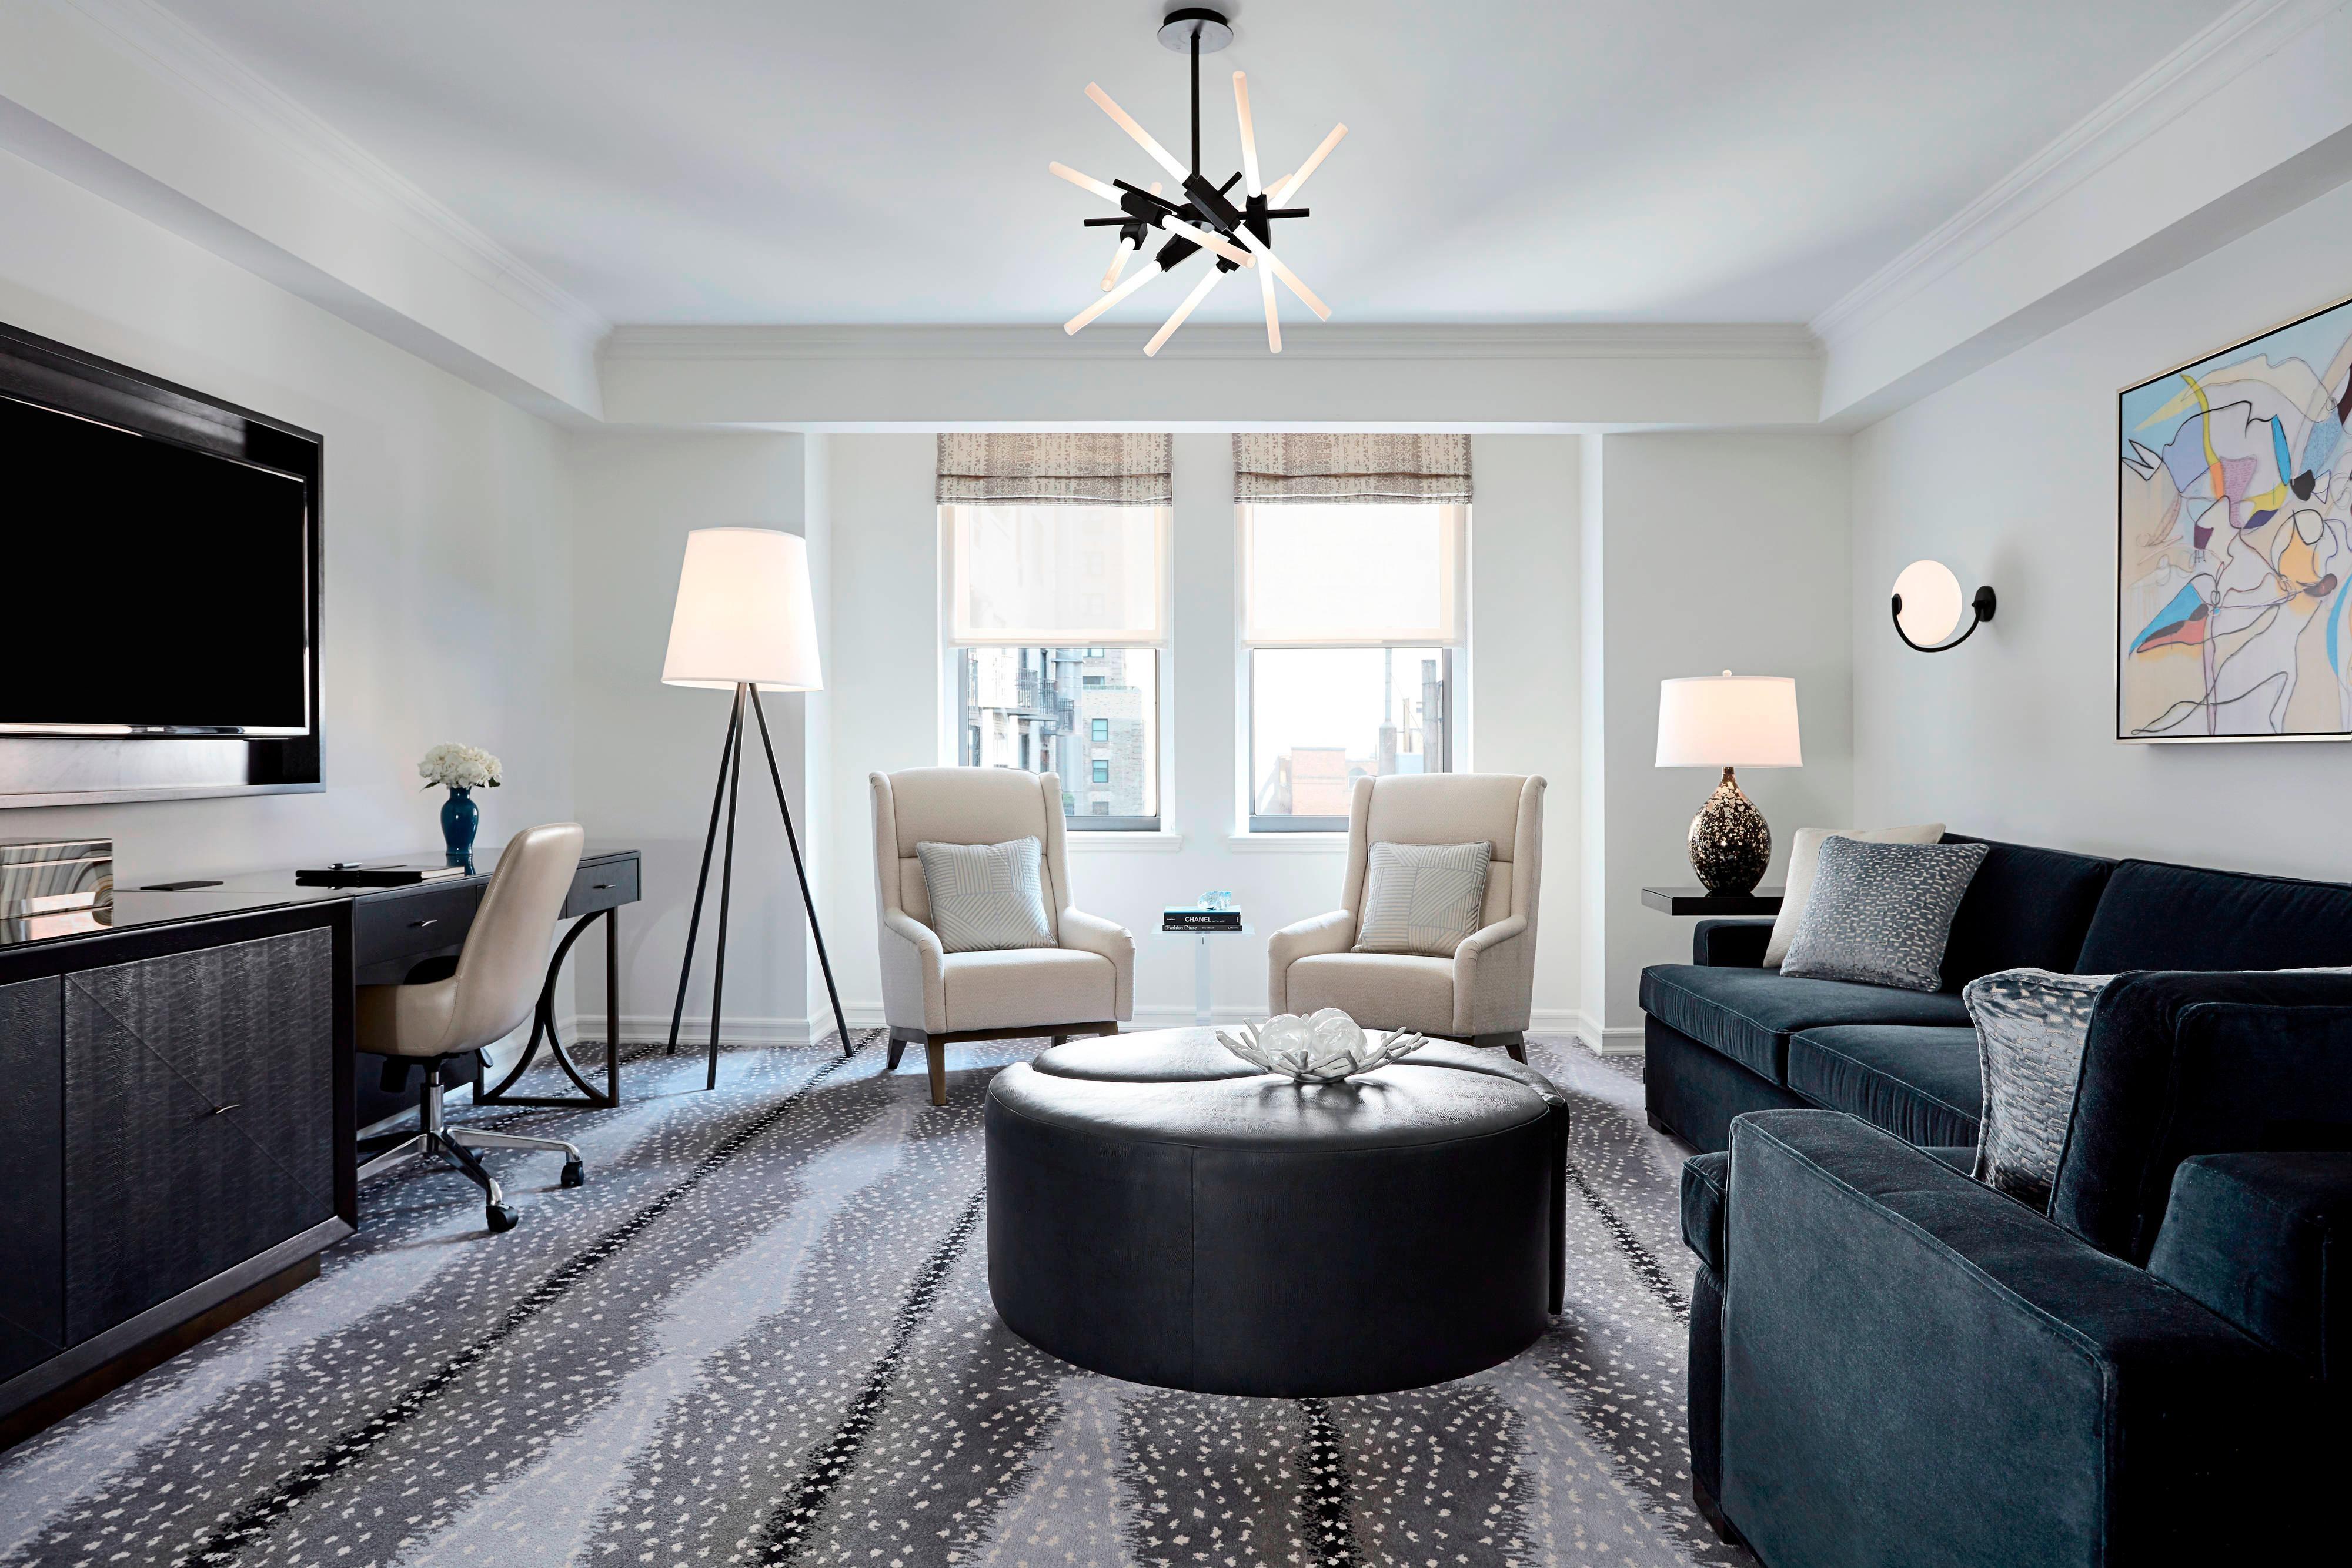 Nyc Hotel Suites - Manhattan Jw Marriott Essex House